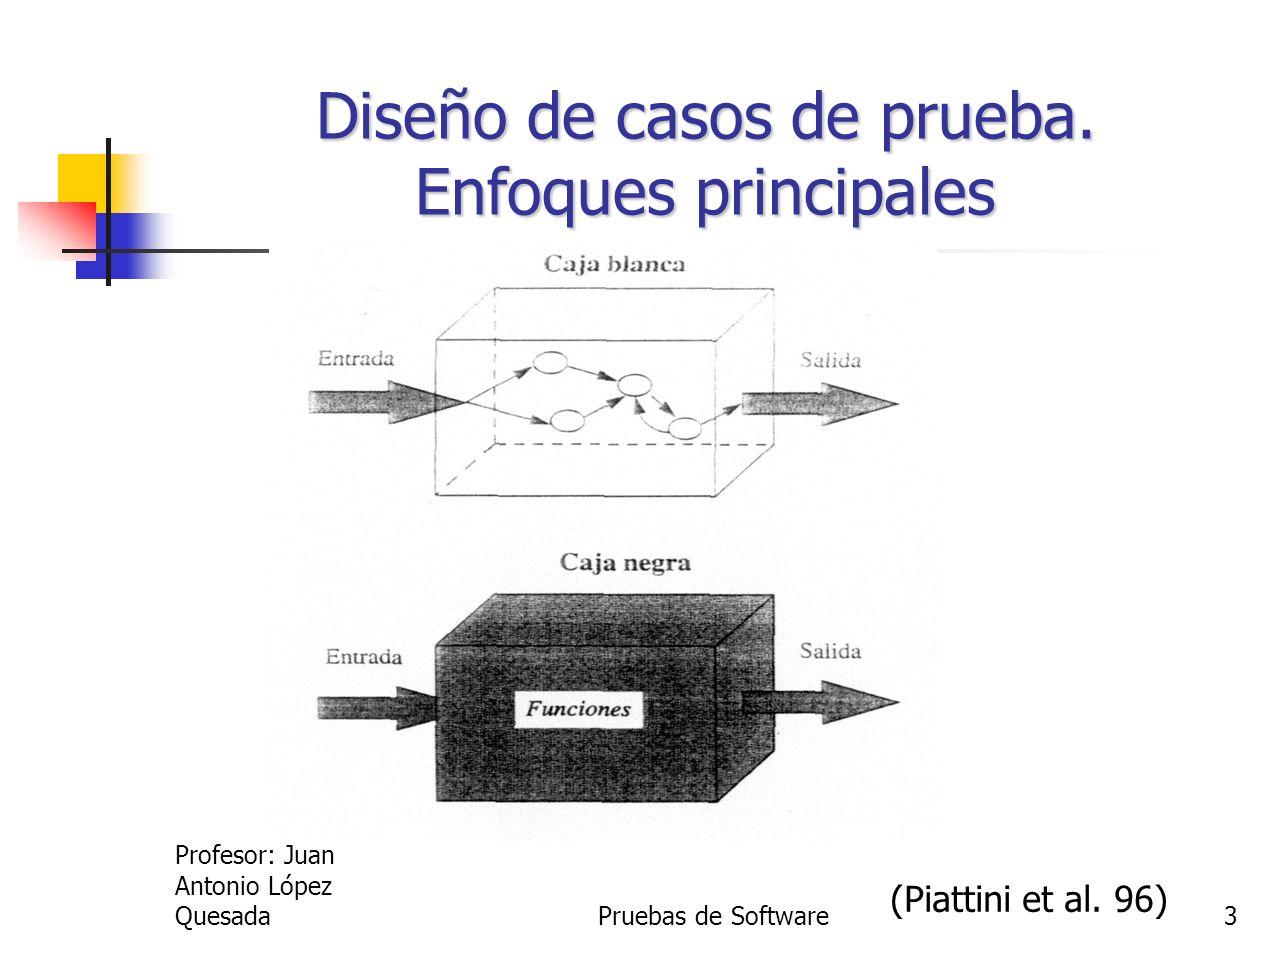 La depuración ocurre como consecuencia de una prueba efectiva.